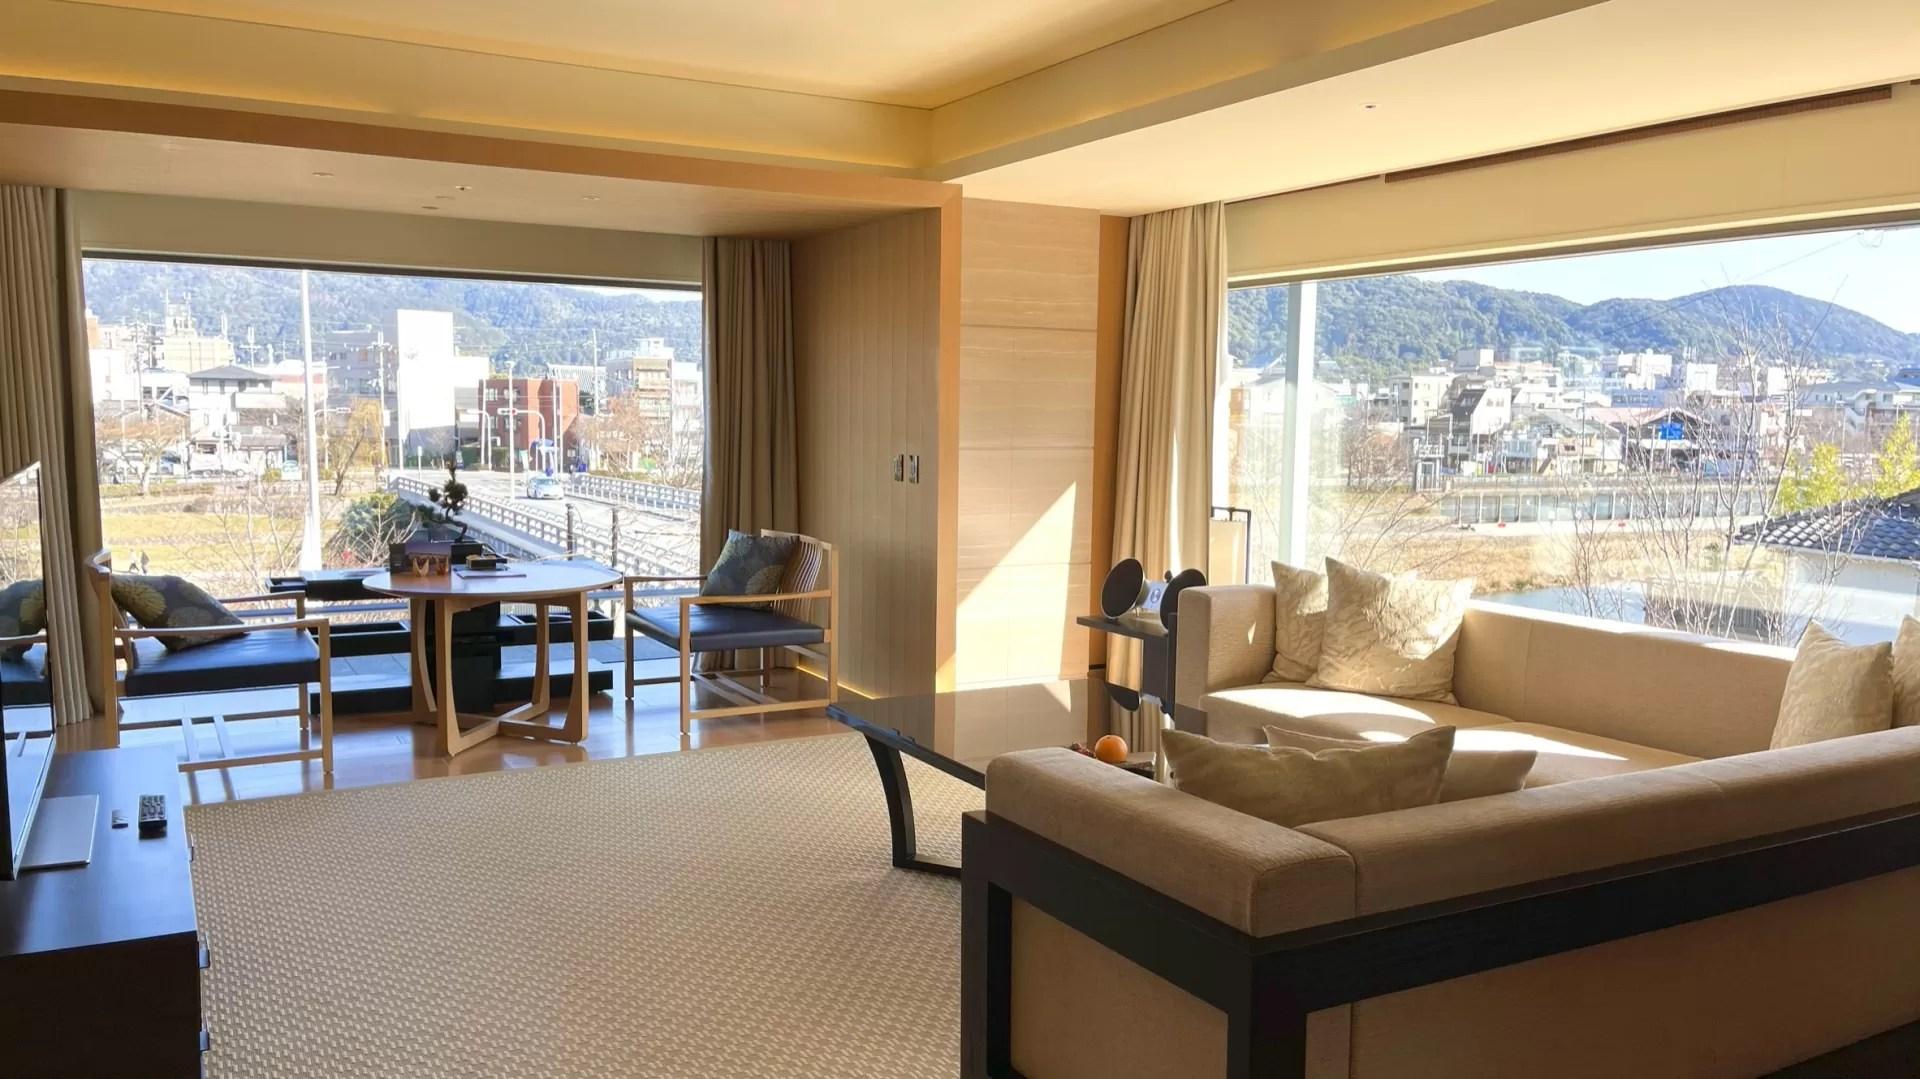 コーナースイート MINAMI宿泊記(リッツカールトン京都)|ポイント宿泊から約17万円のスイートにアップグレード